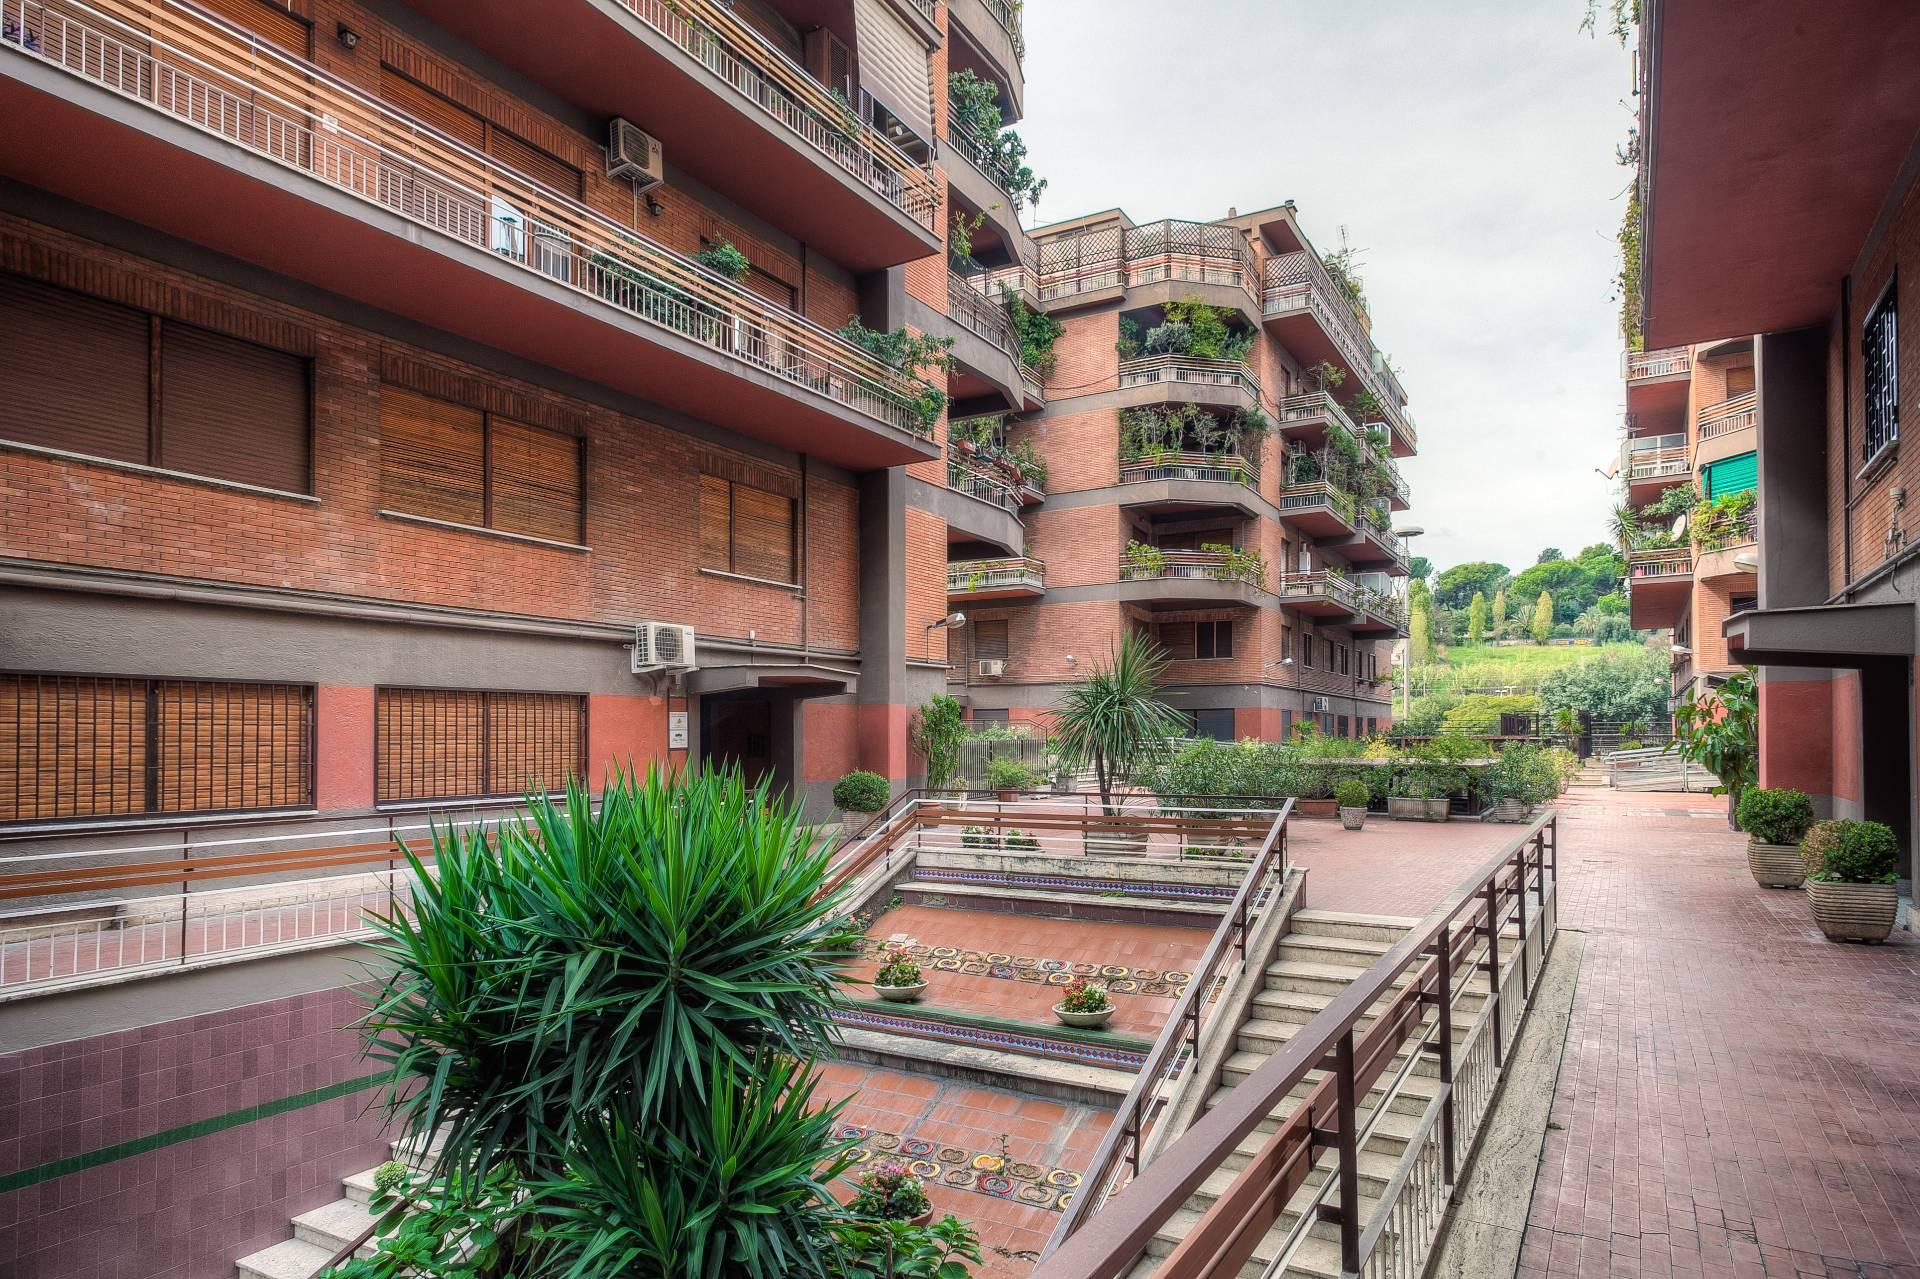 Ufficio In Vendita Roma : Cbi tg ufficio in vendita a roma magliana coldwell